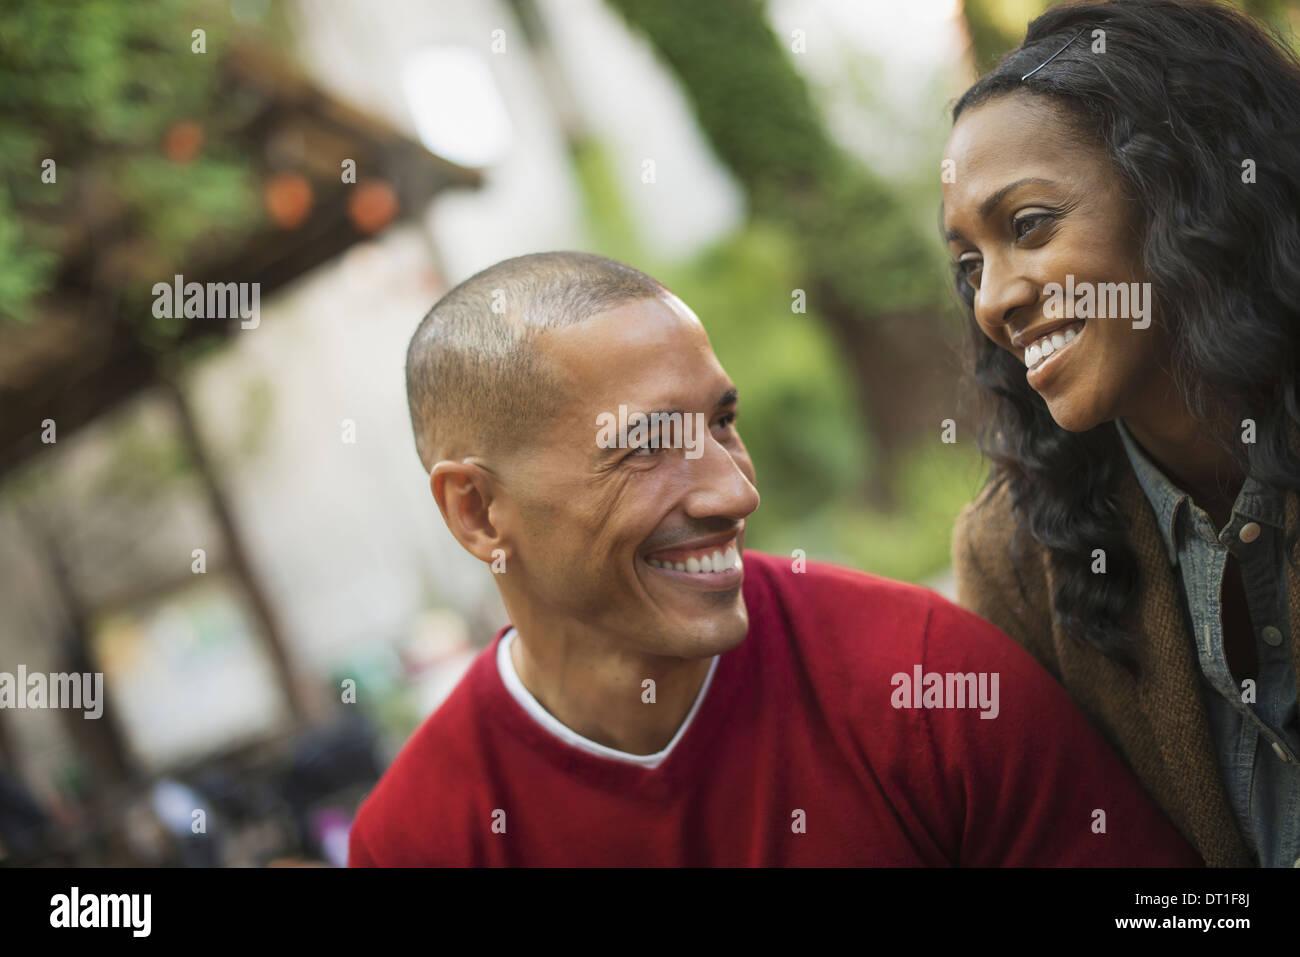 Scènes de la vie urbaine à New York un homme et une femme un couple Outdoors Photo Stock